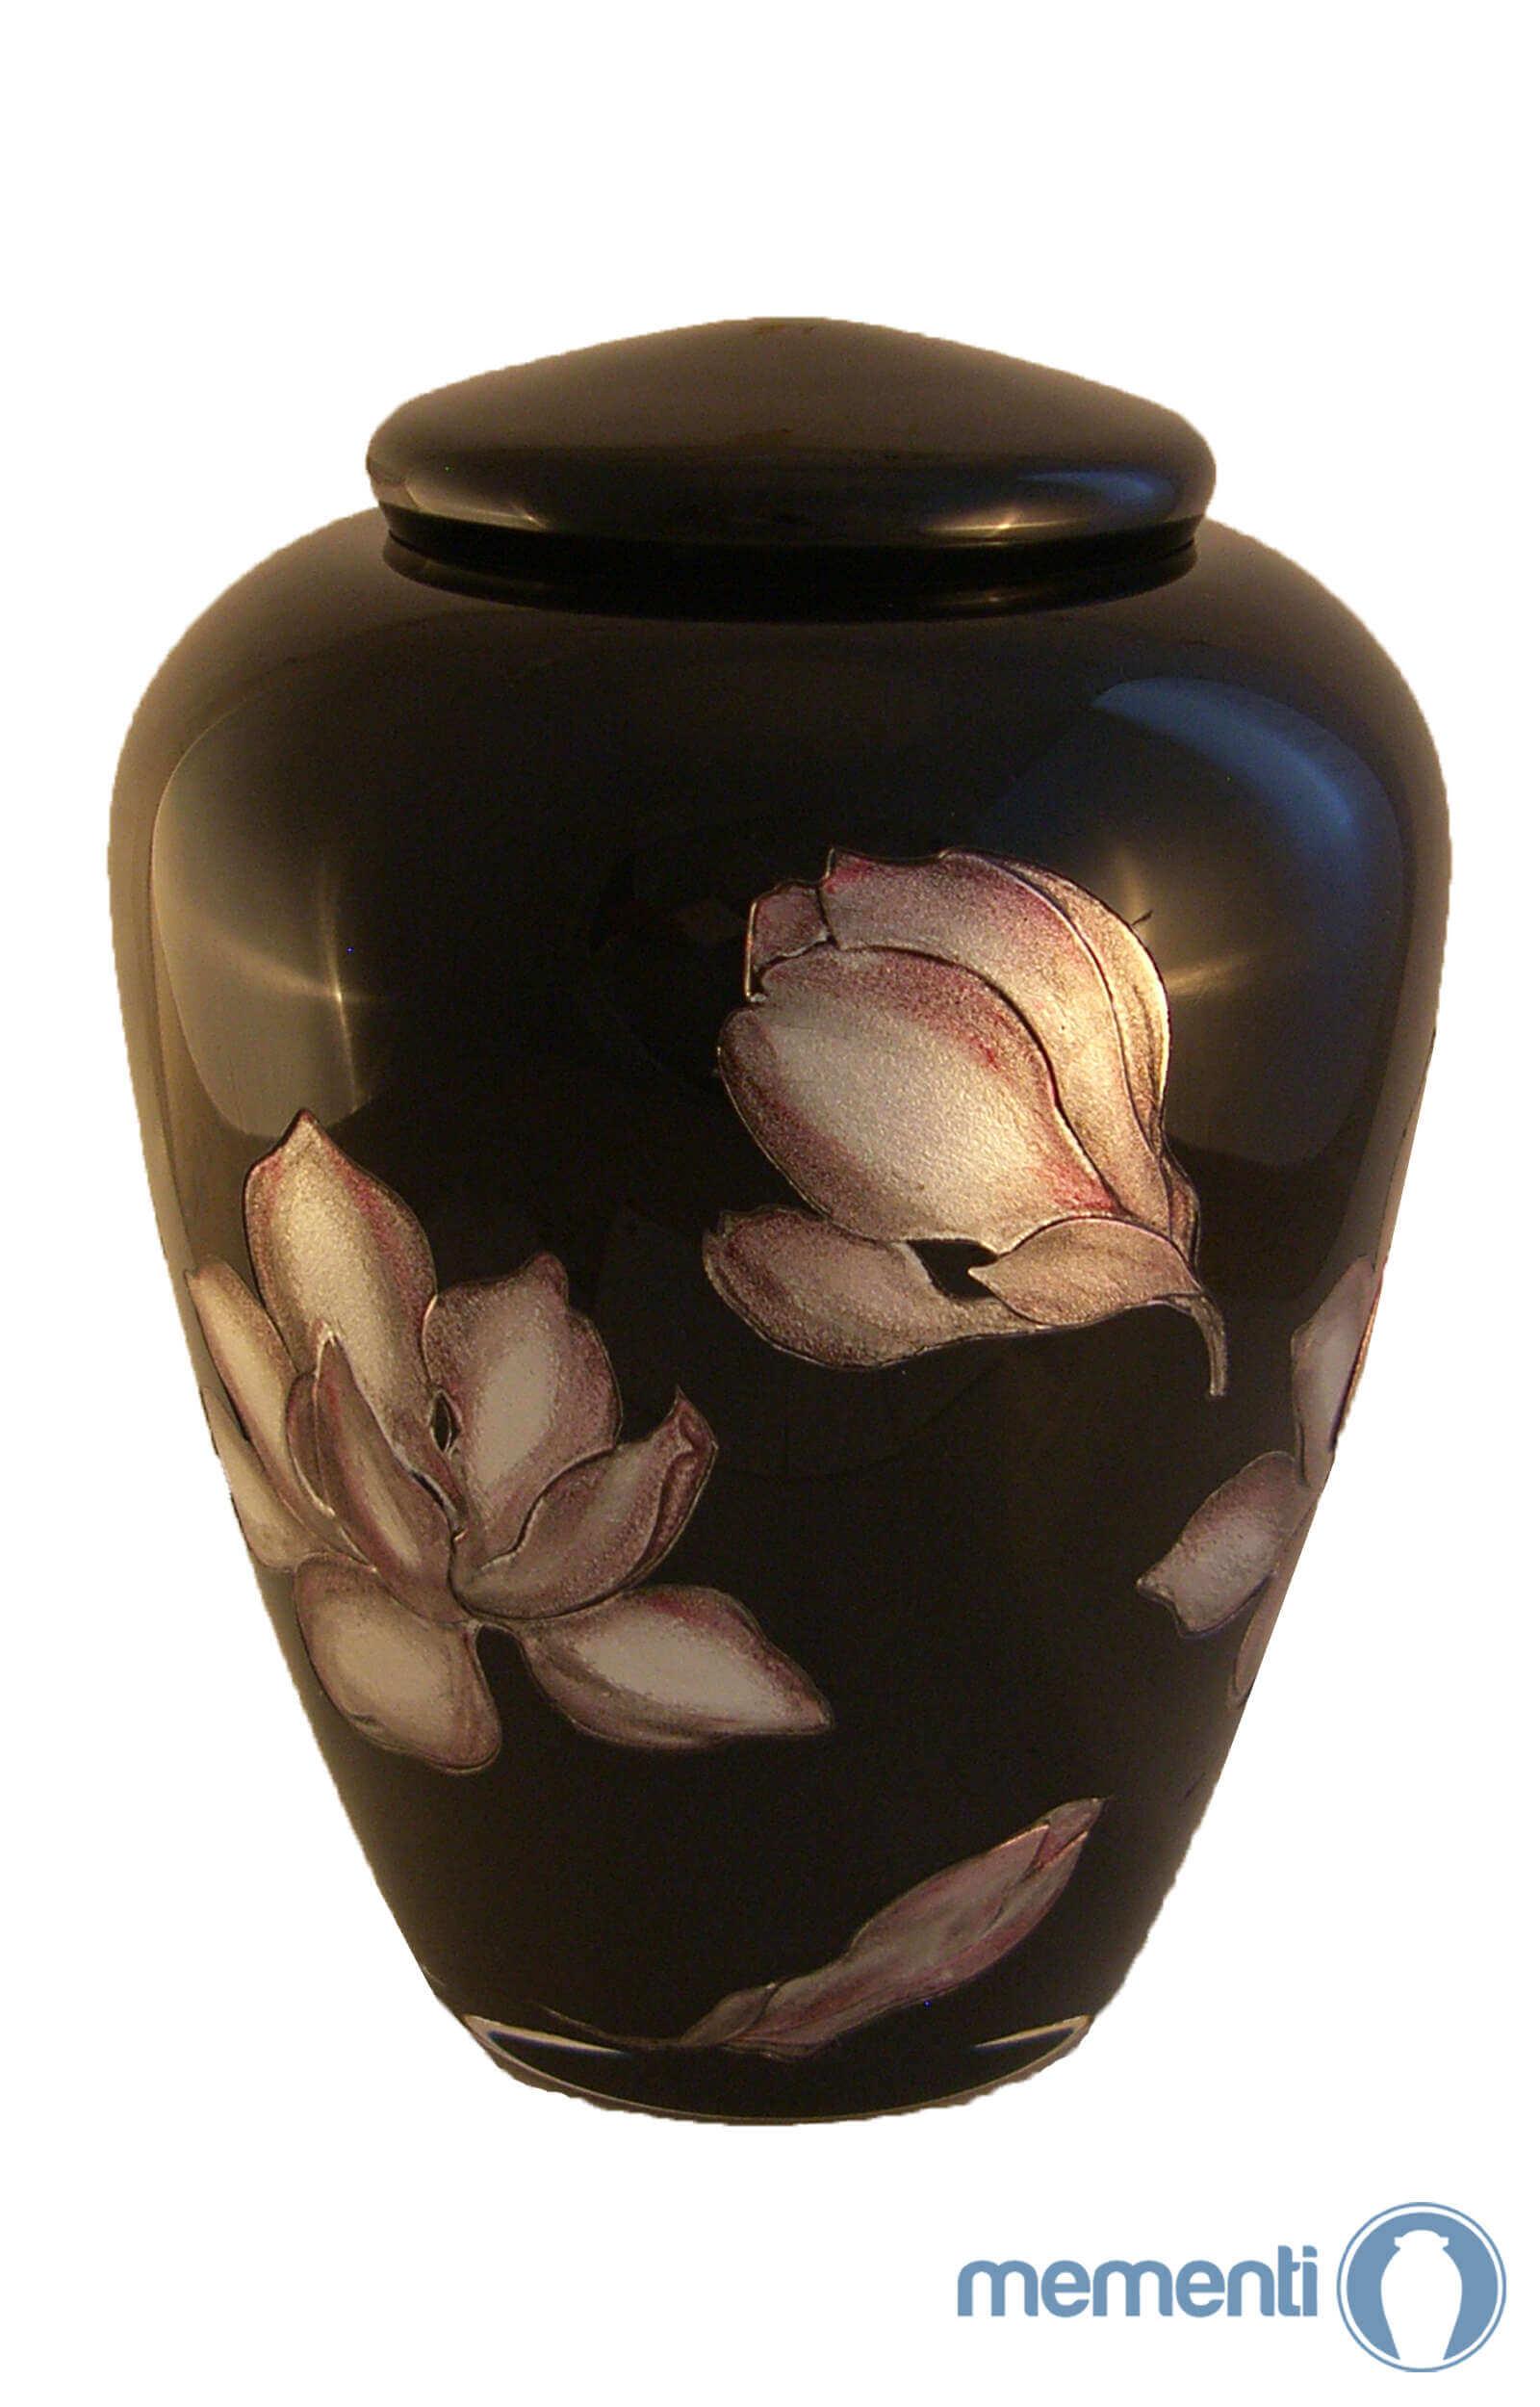 en G01 jet black floral glass urn